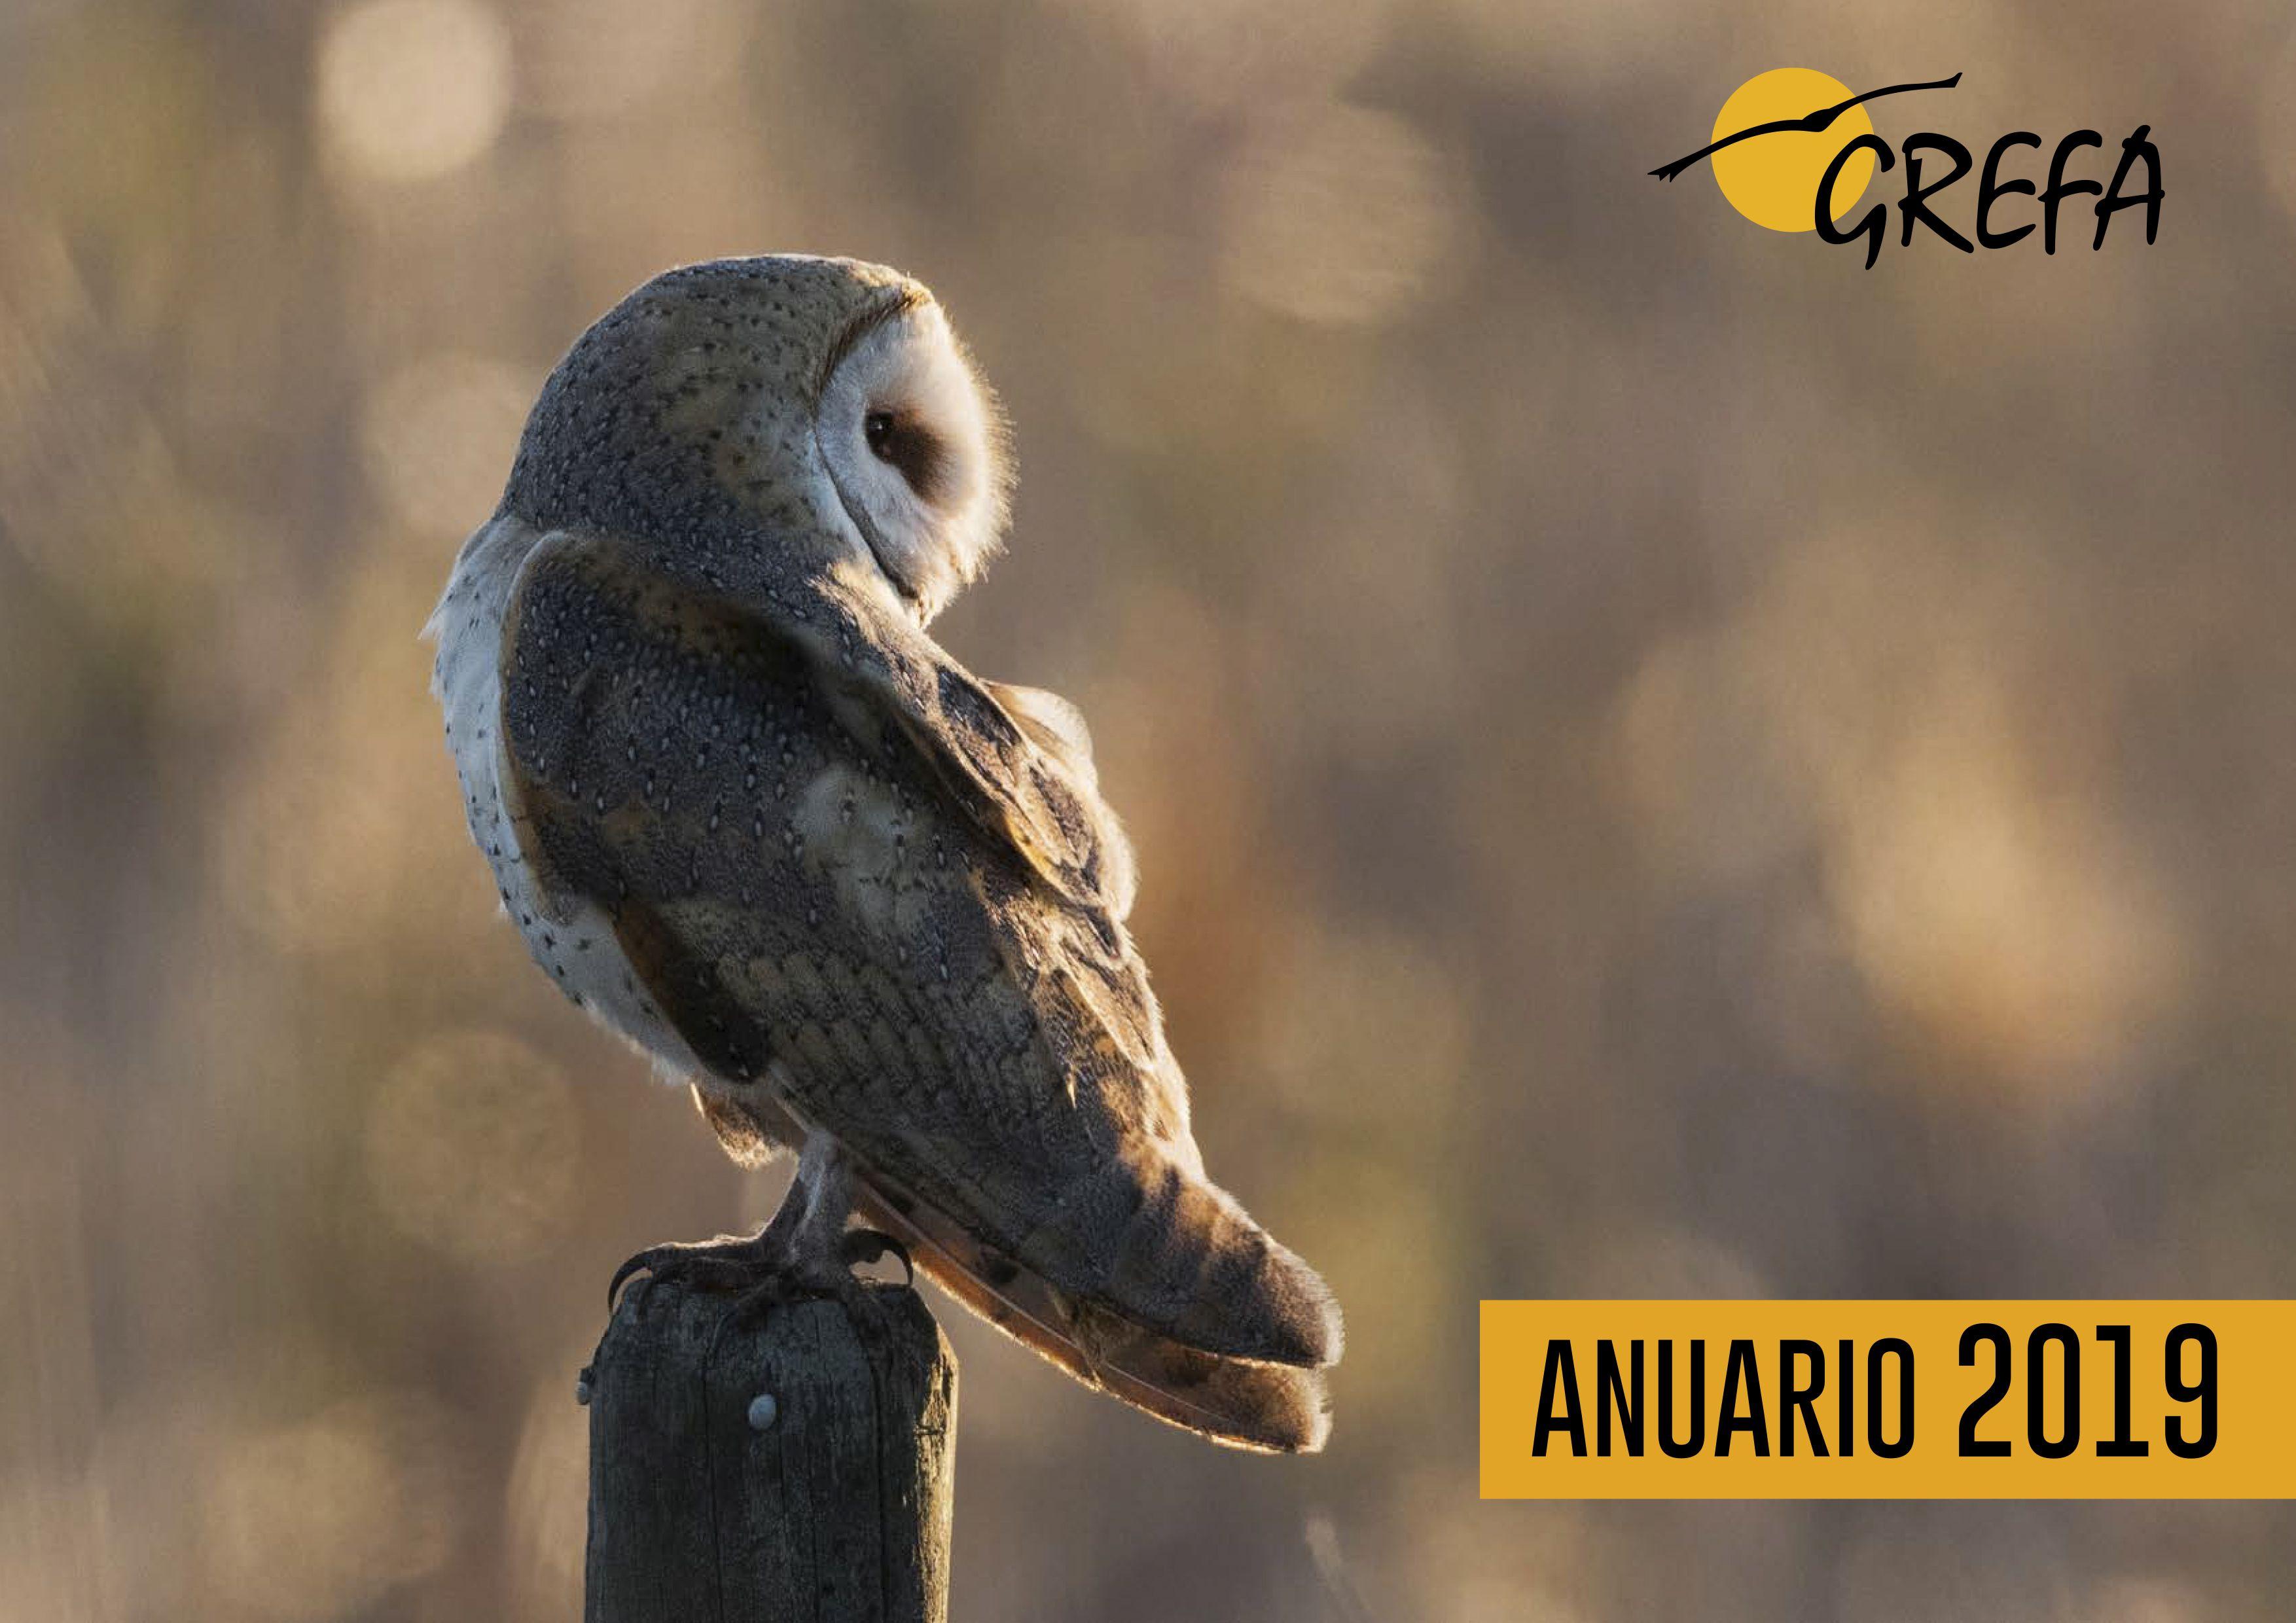 Portada del Anuario 2019 de GREFA, ilustrada con una foto de lechuza común de José Pesquero